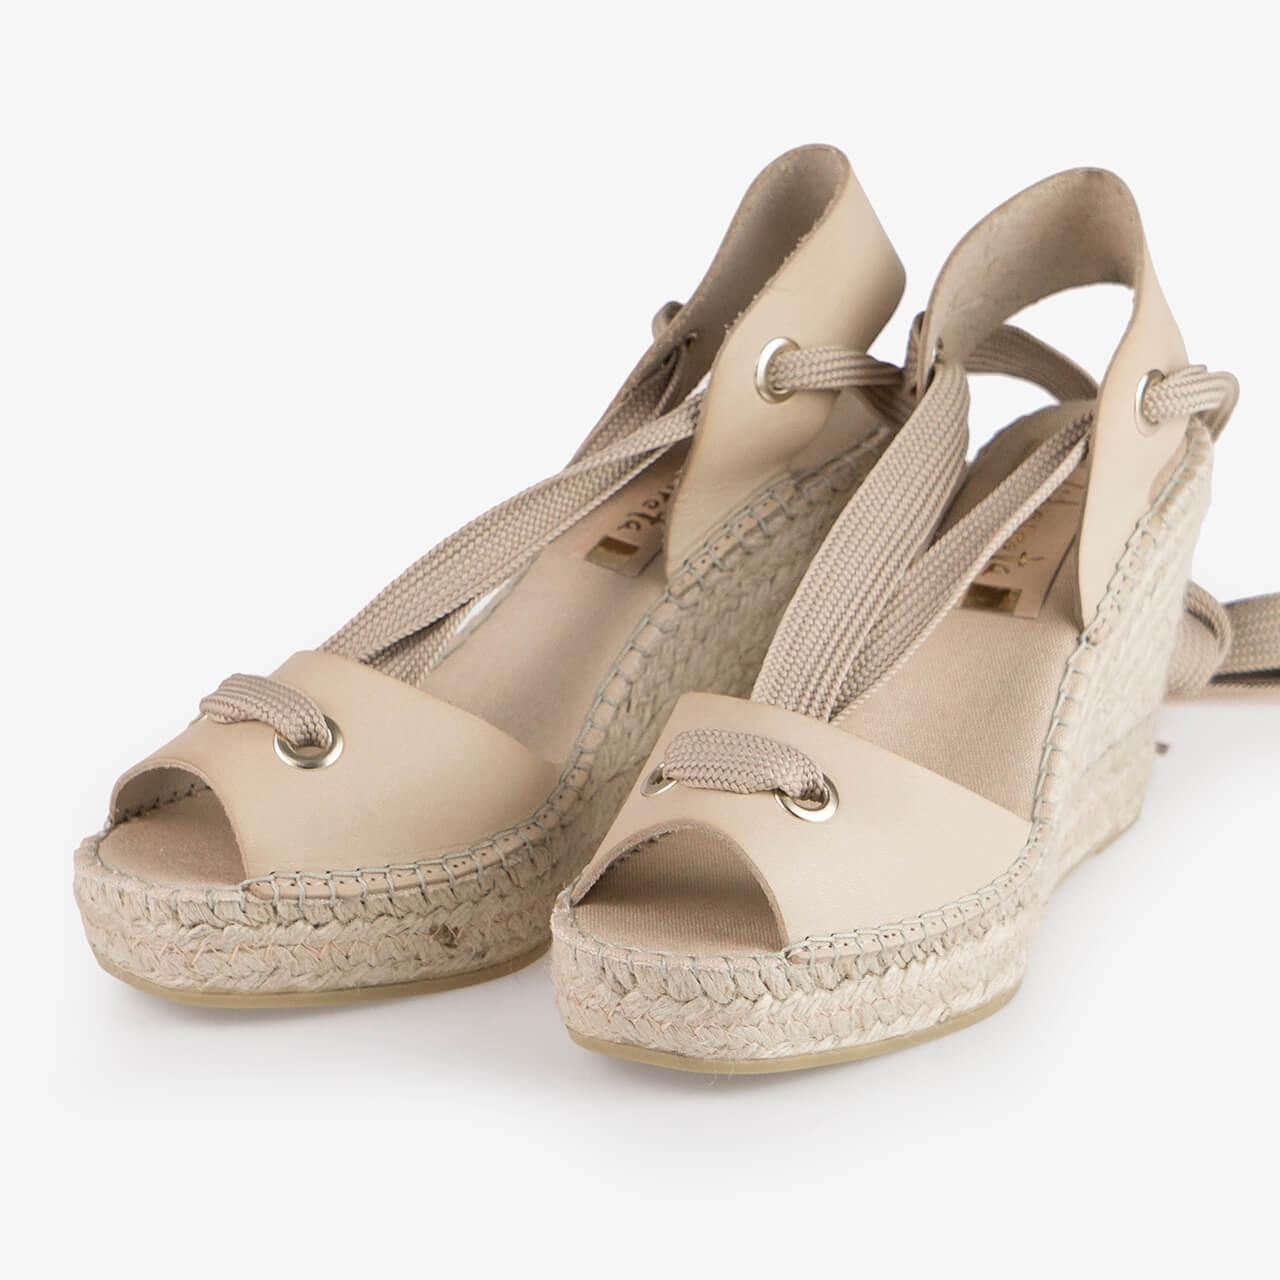 sandalias mujer - Ítem1